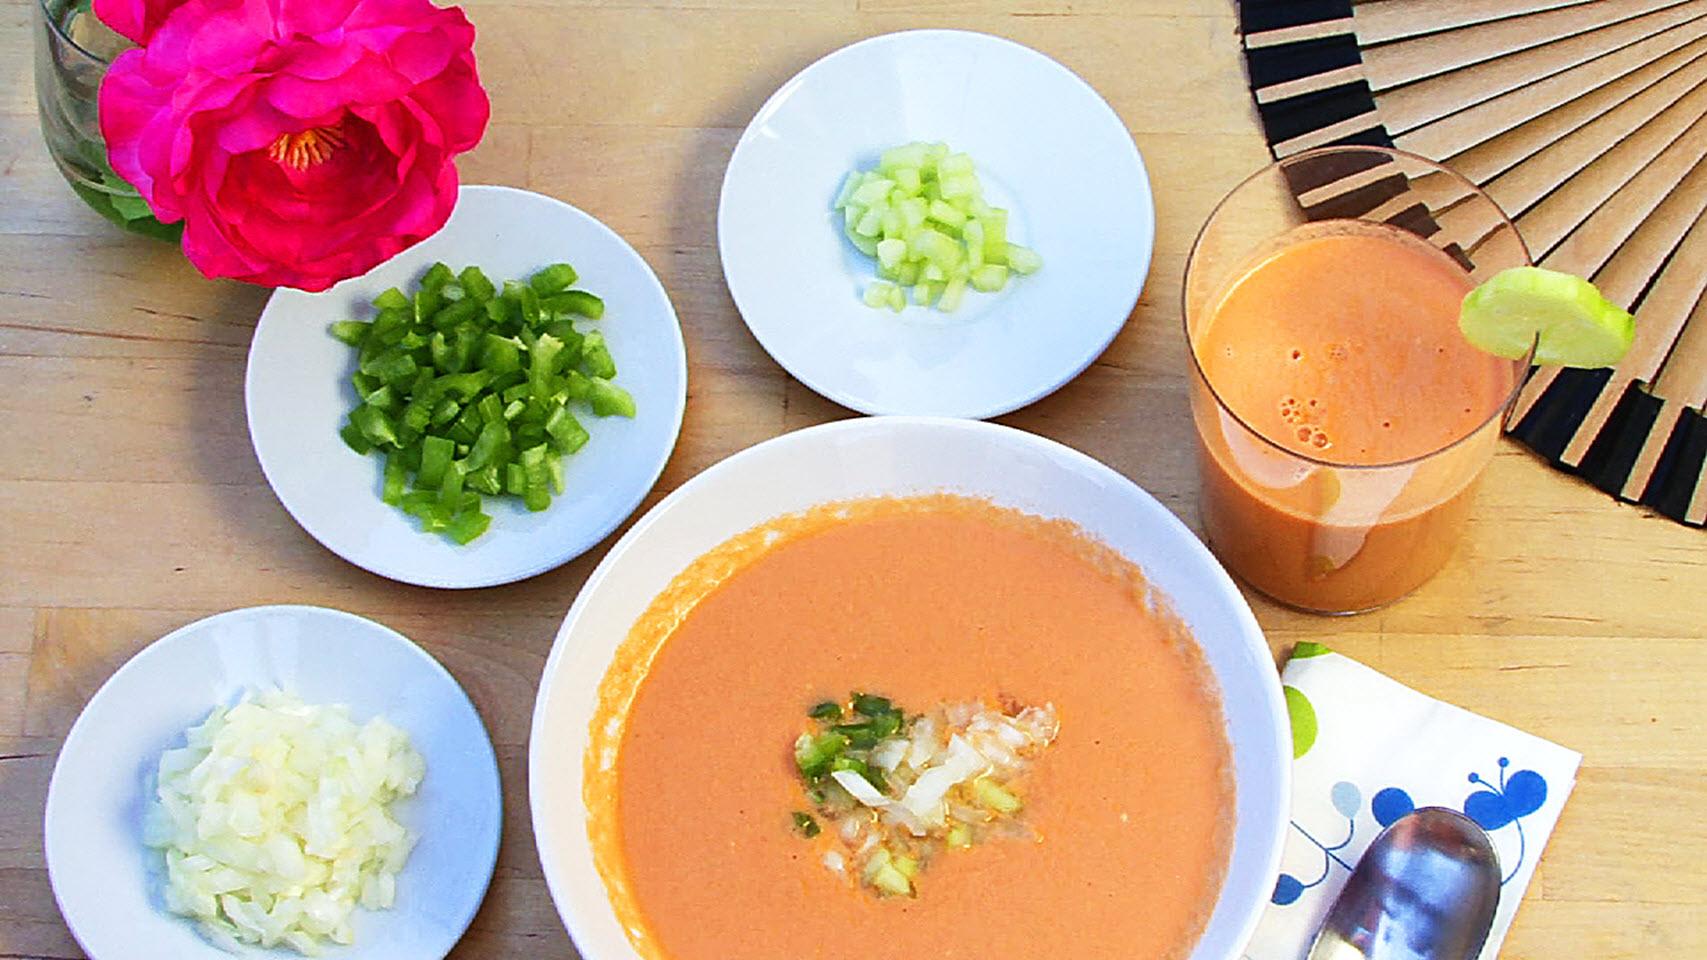 Spanish Gazpacho image